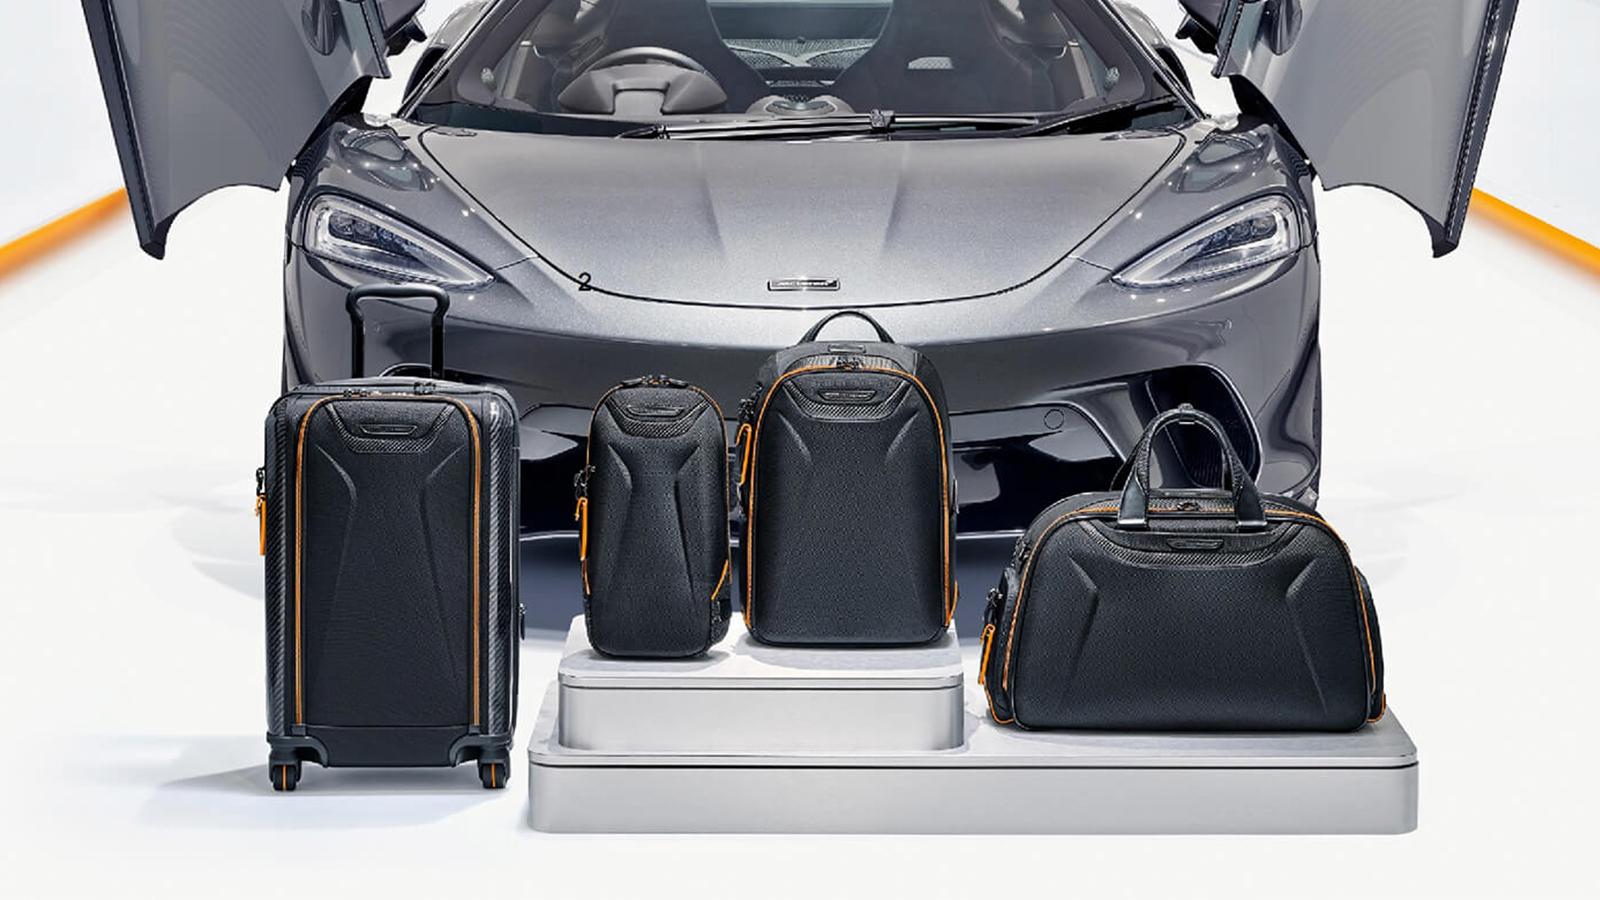 TUMI x McLaren Bag Collection